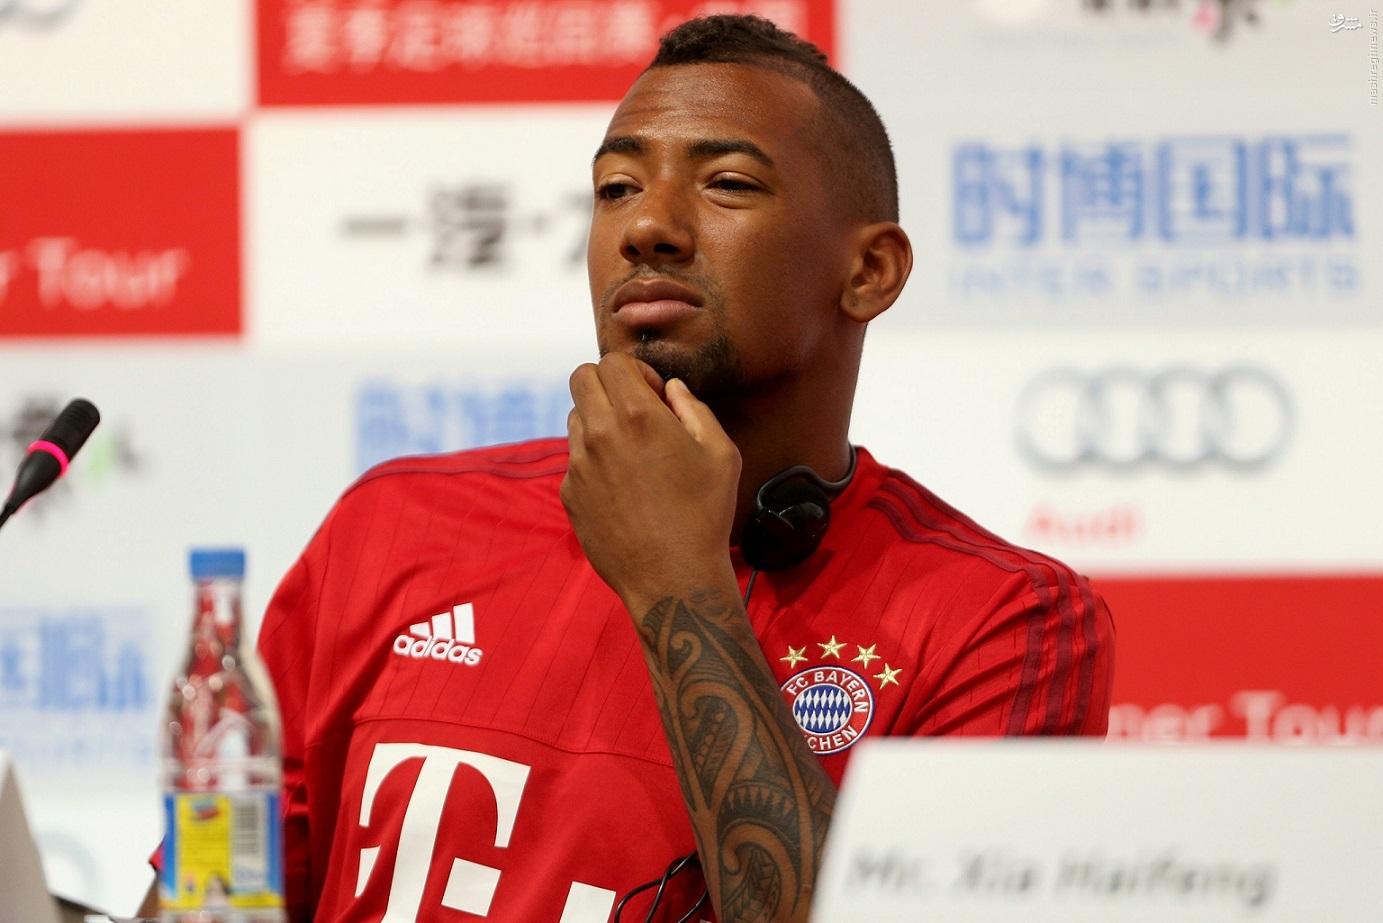 عذرخواهی حزب آلمانی از اظهارات نژادپرستانه علیه بازیکن بایرنمونیخ